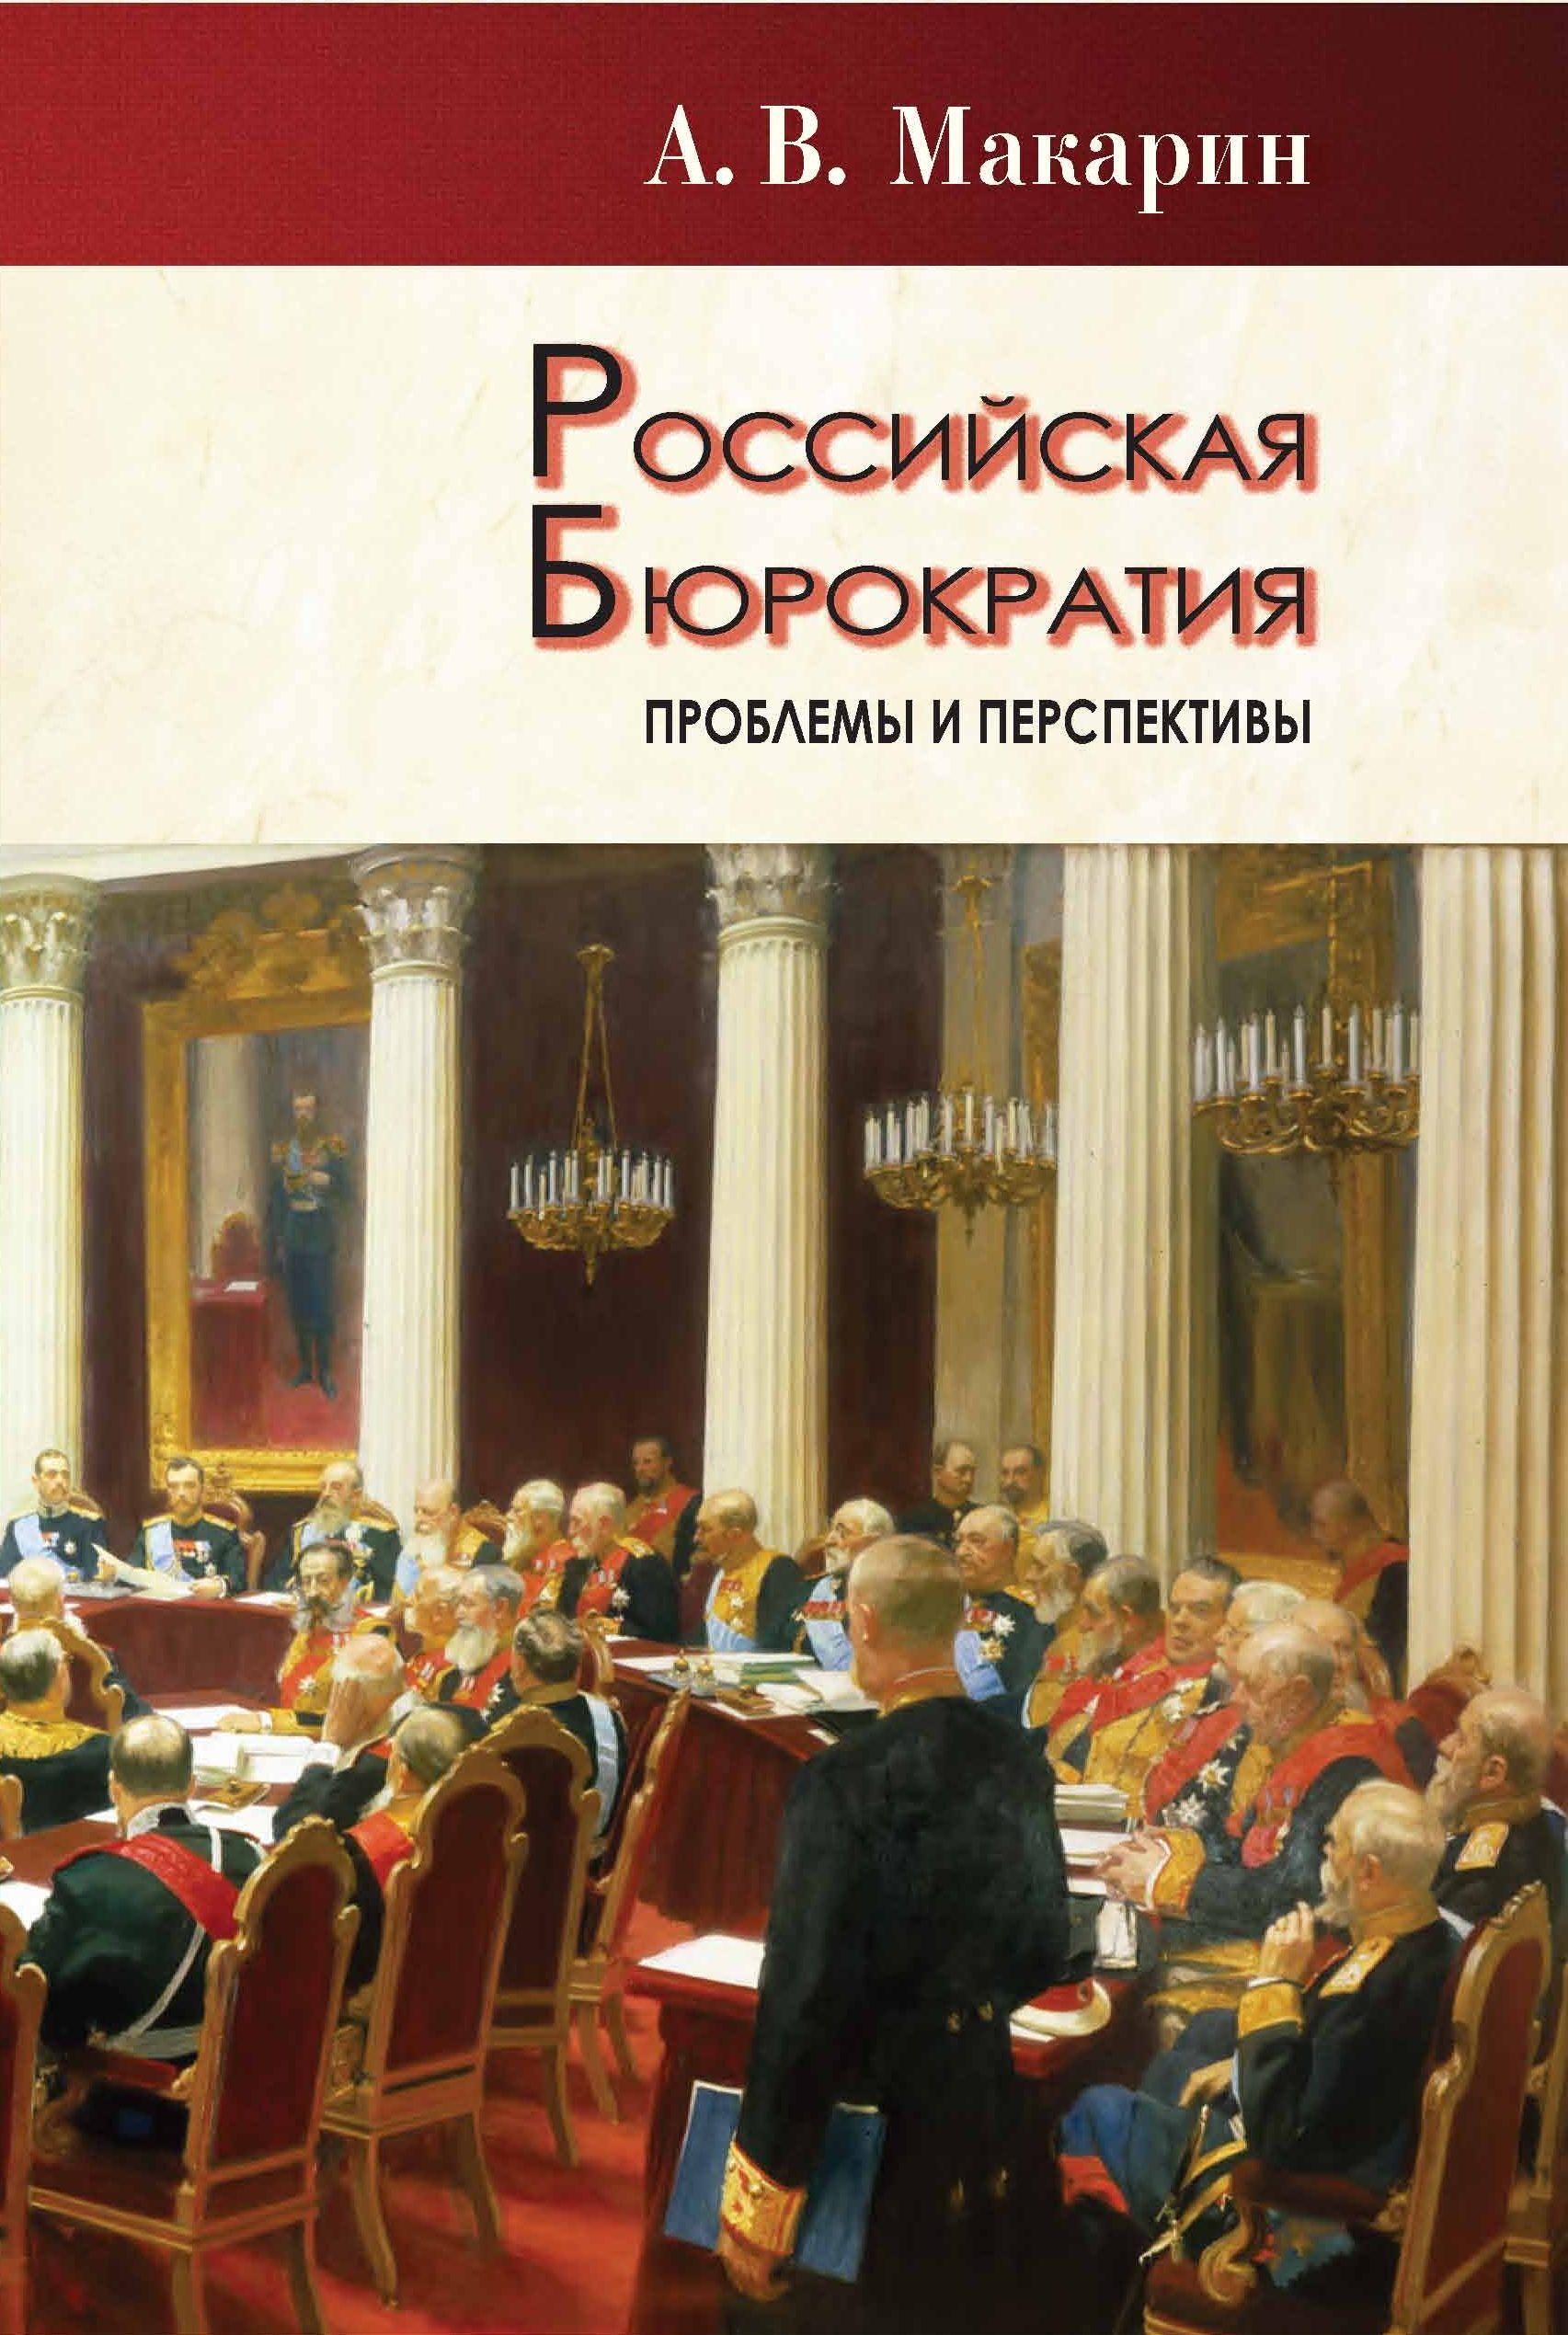 Российская бюрократия: проблемы и перспективы